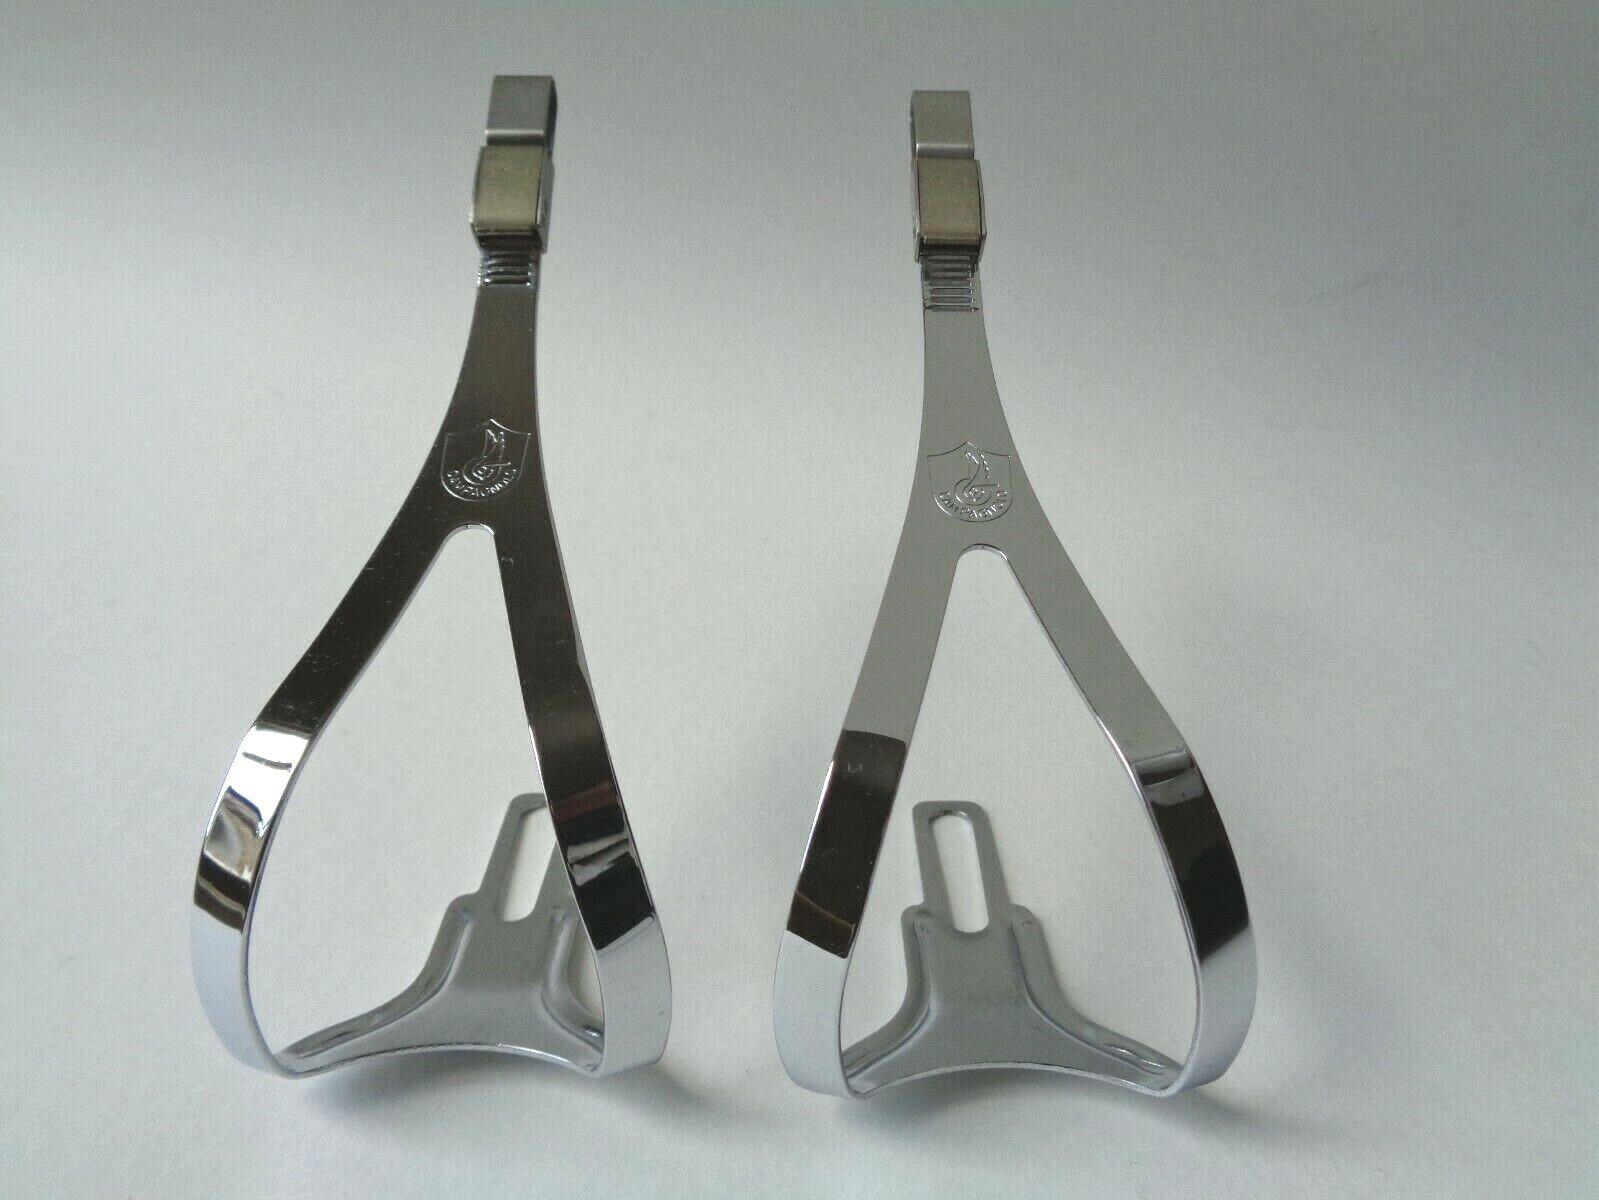 NOS Vintage 1980s Campagnolo C Record adjustable Aero pedal toe clips (Medium)